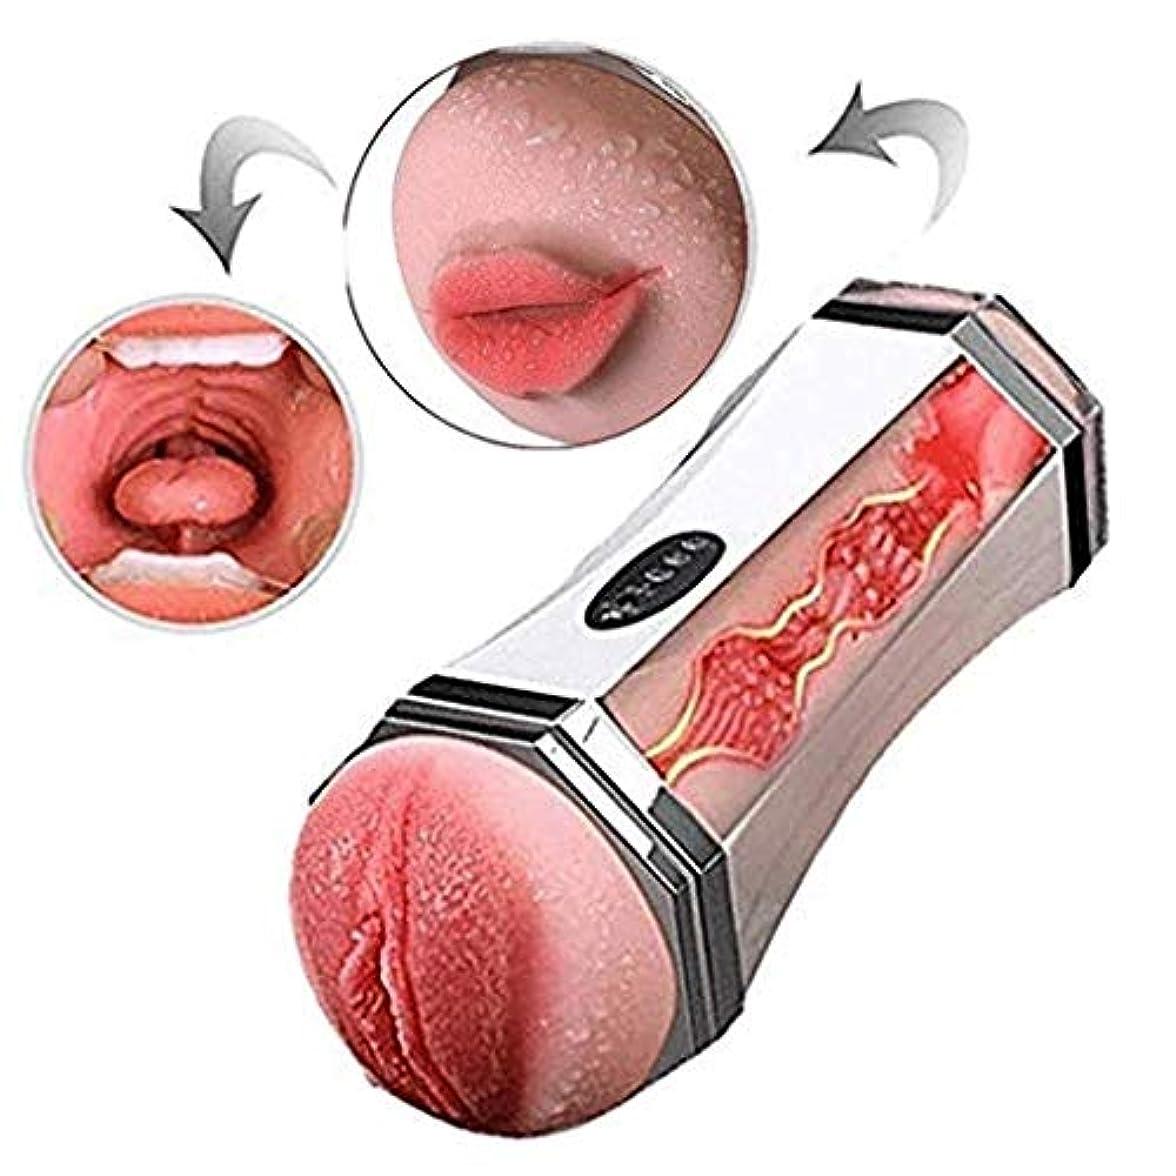 に勝る有彩色のパトロールOHMMSG USB Rechargable Handheld Body Massage Tools Deep Muscle Massager with Heat and Powerful Vibration防水エアクラフトカップ